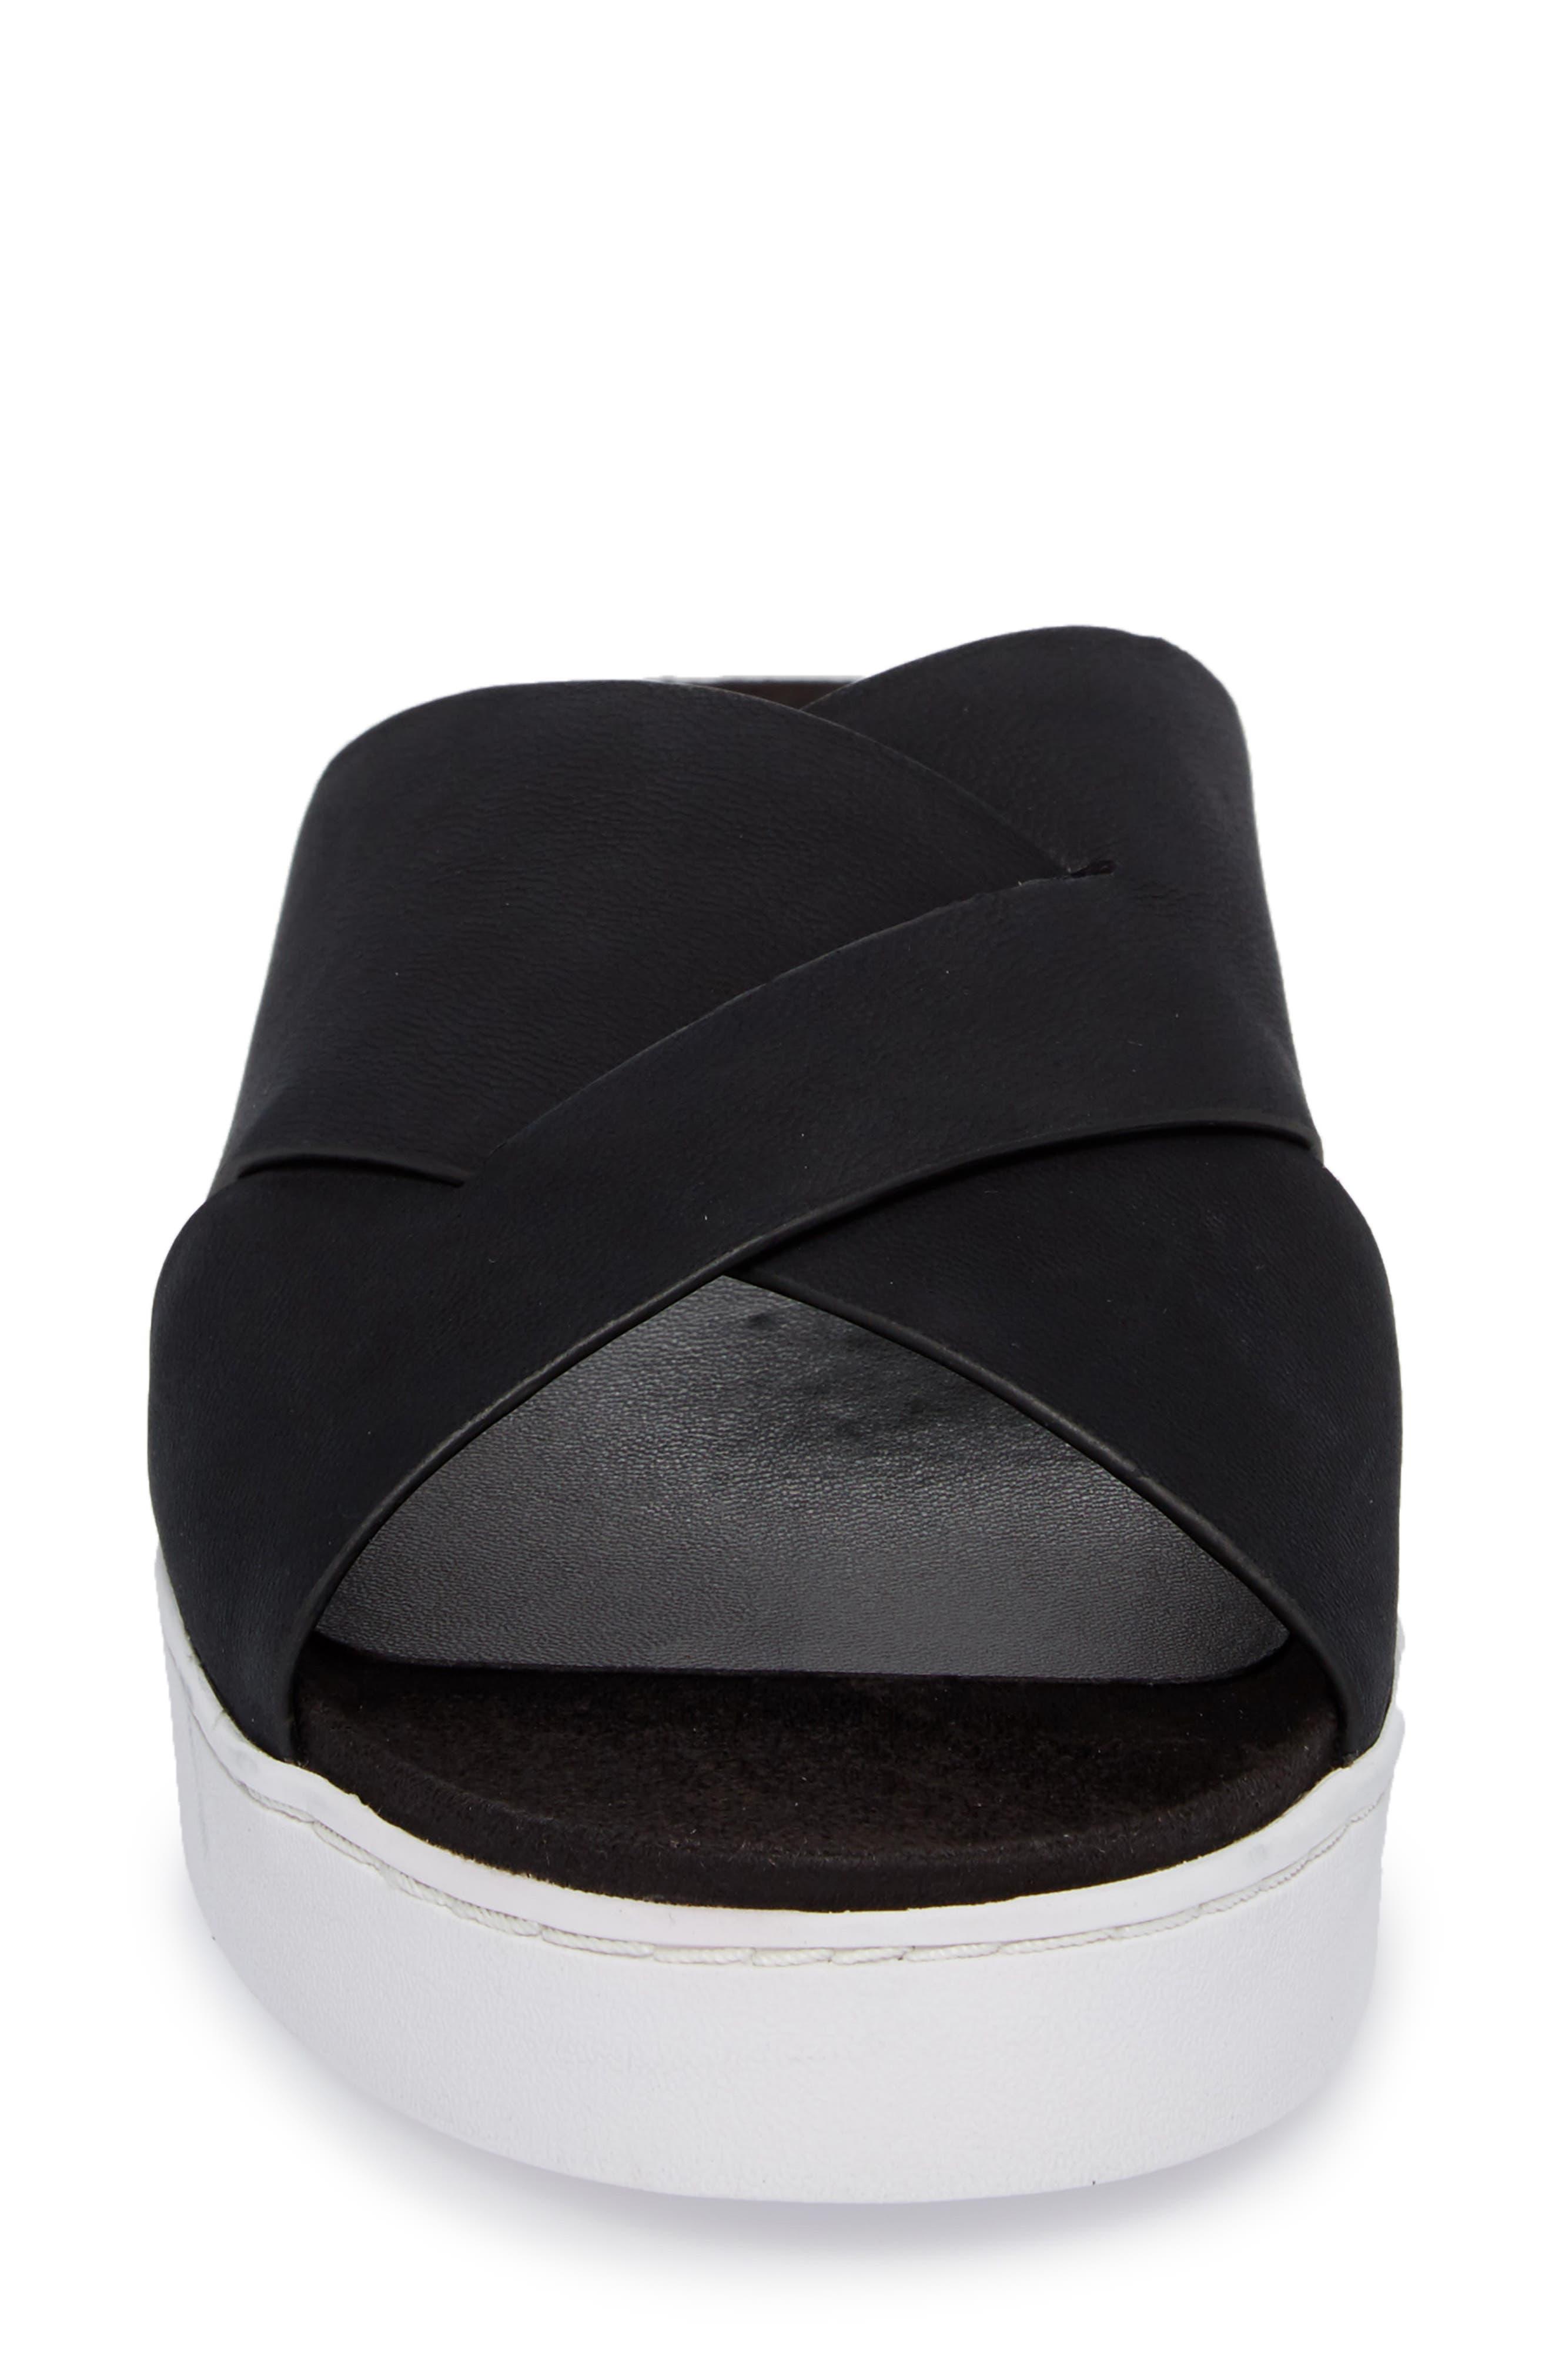 Lou Slide Sandal,                             Alternate thumbnail 4, color,                             BLACK NUBUCK